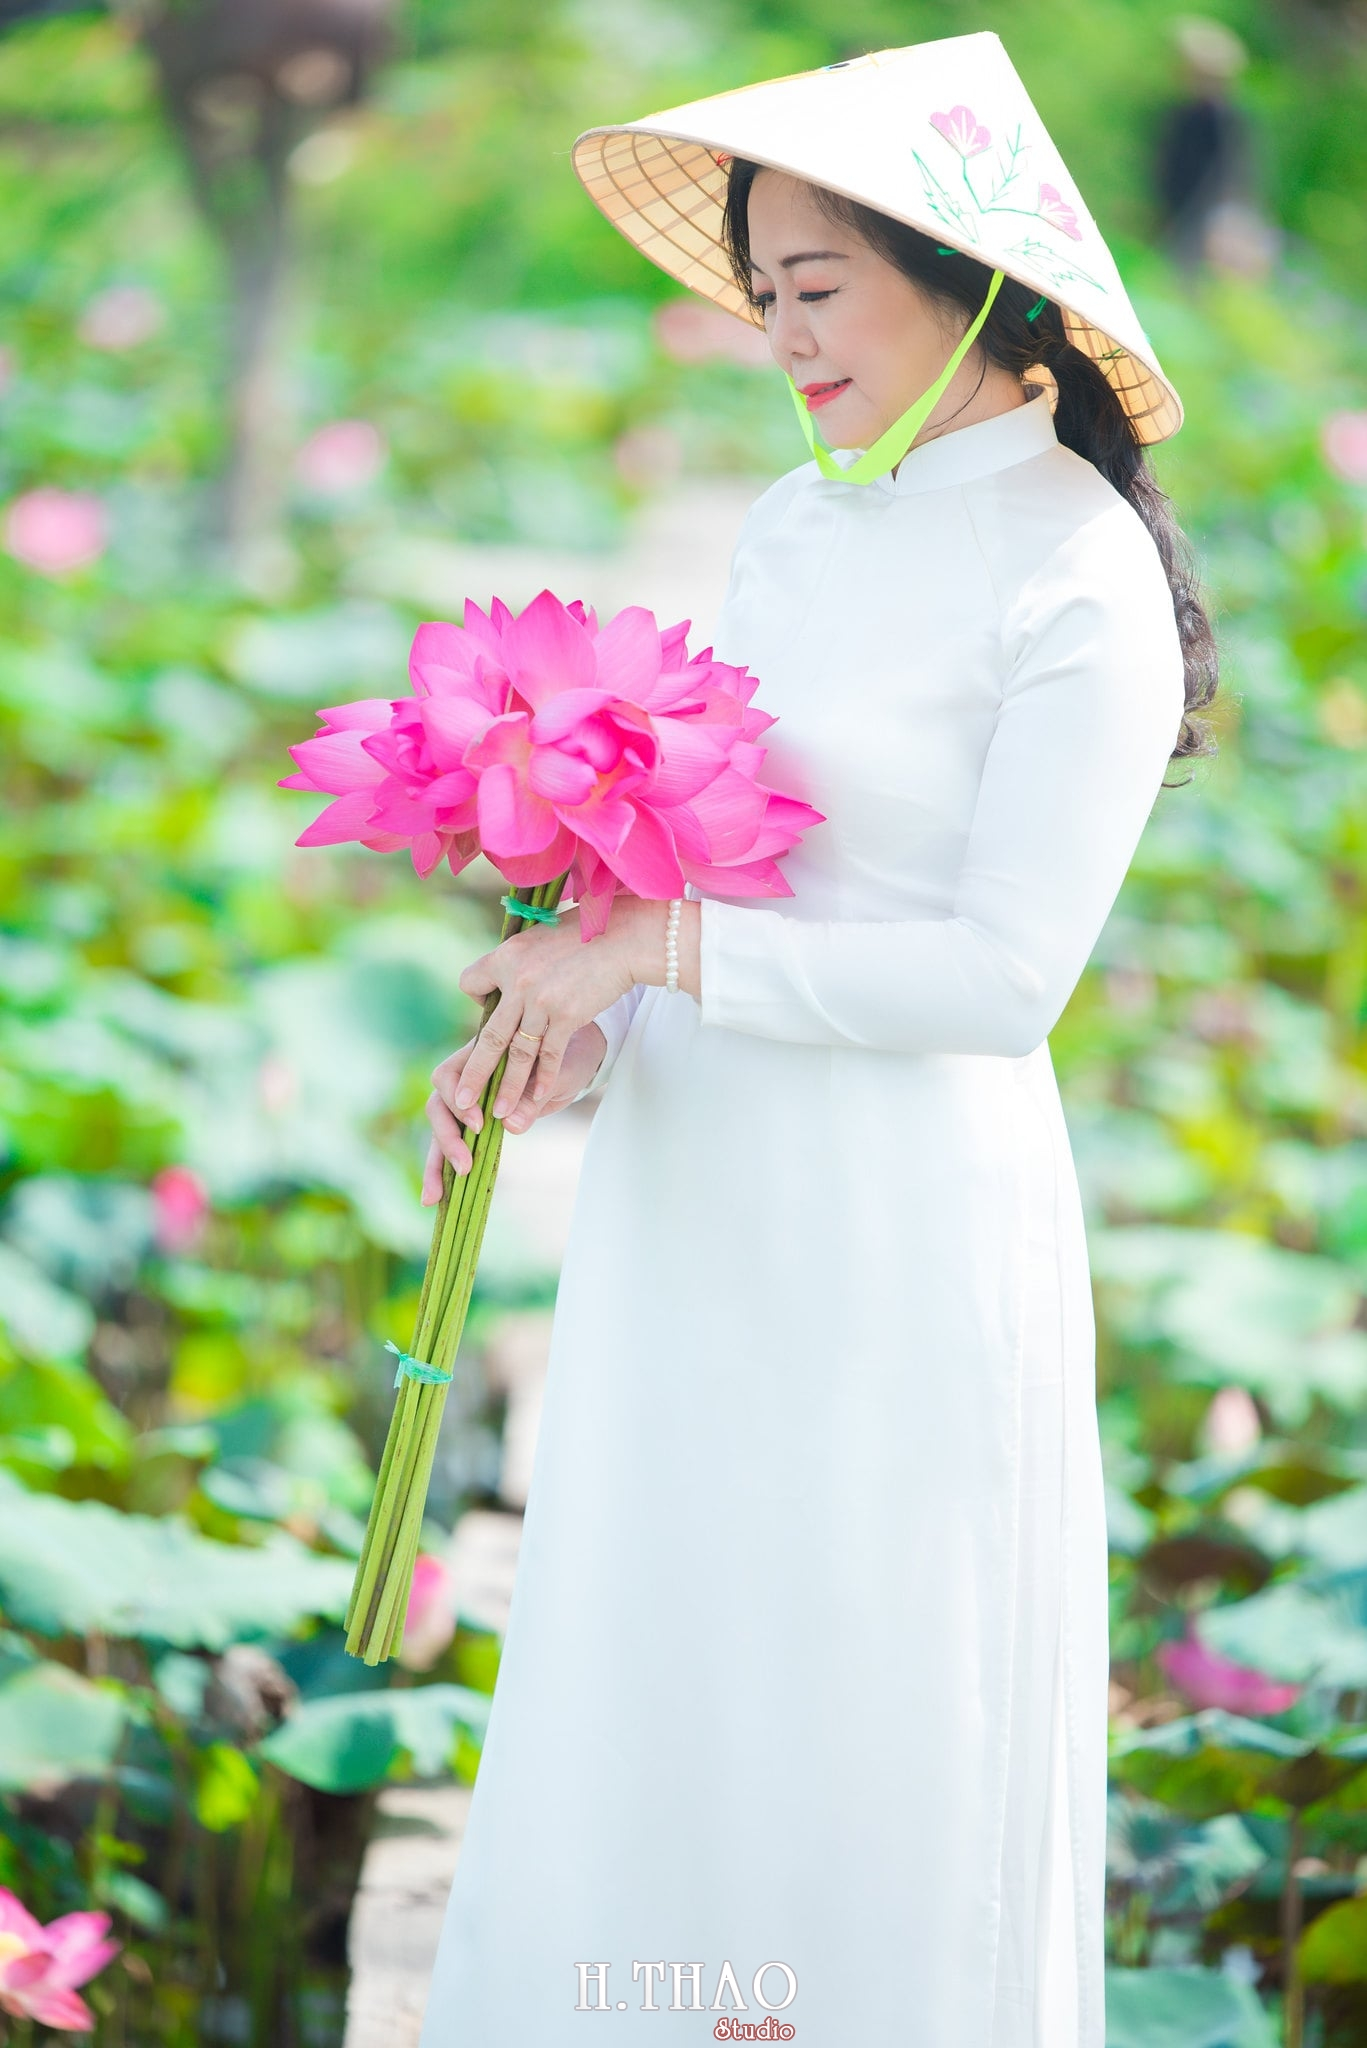 nh áo dài hoa sen 19 - Góc ảnh áo dài tuổi 50 cô Phương chụp với hoa sen- HThao Studio